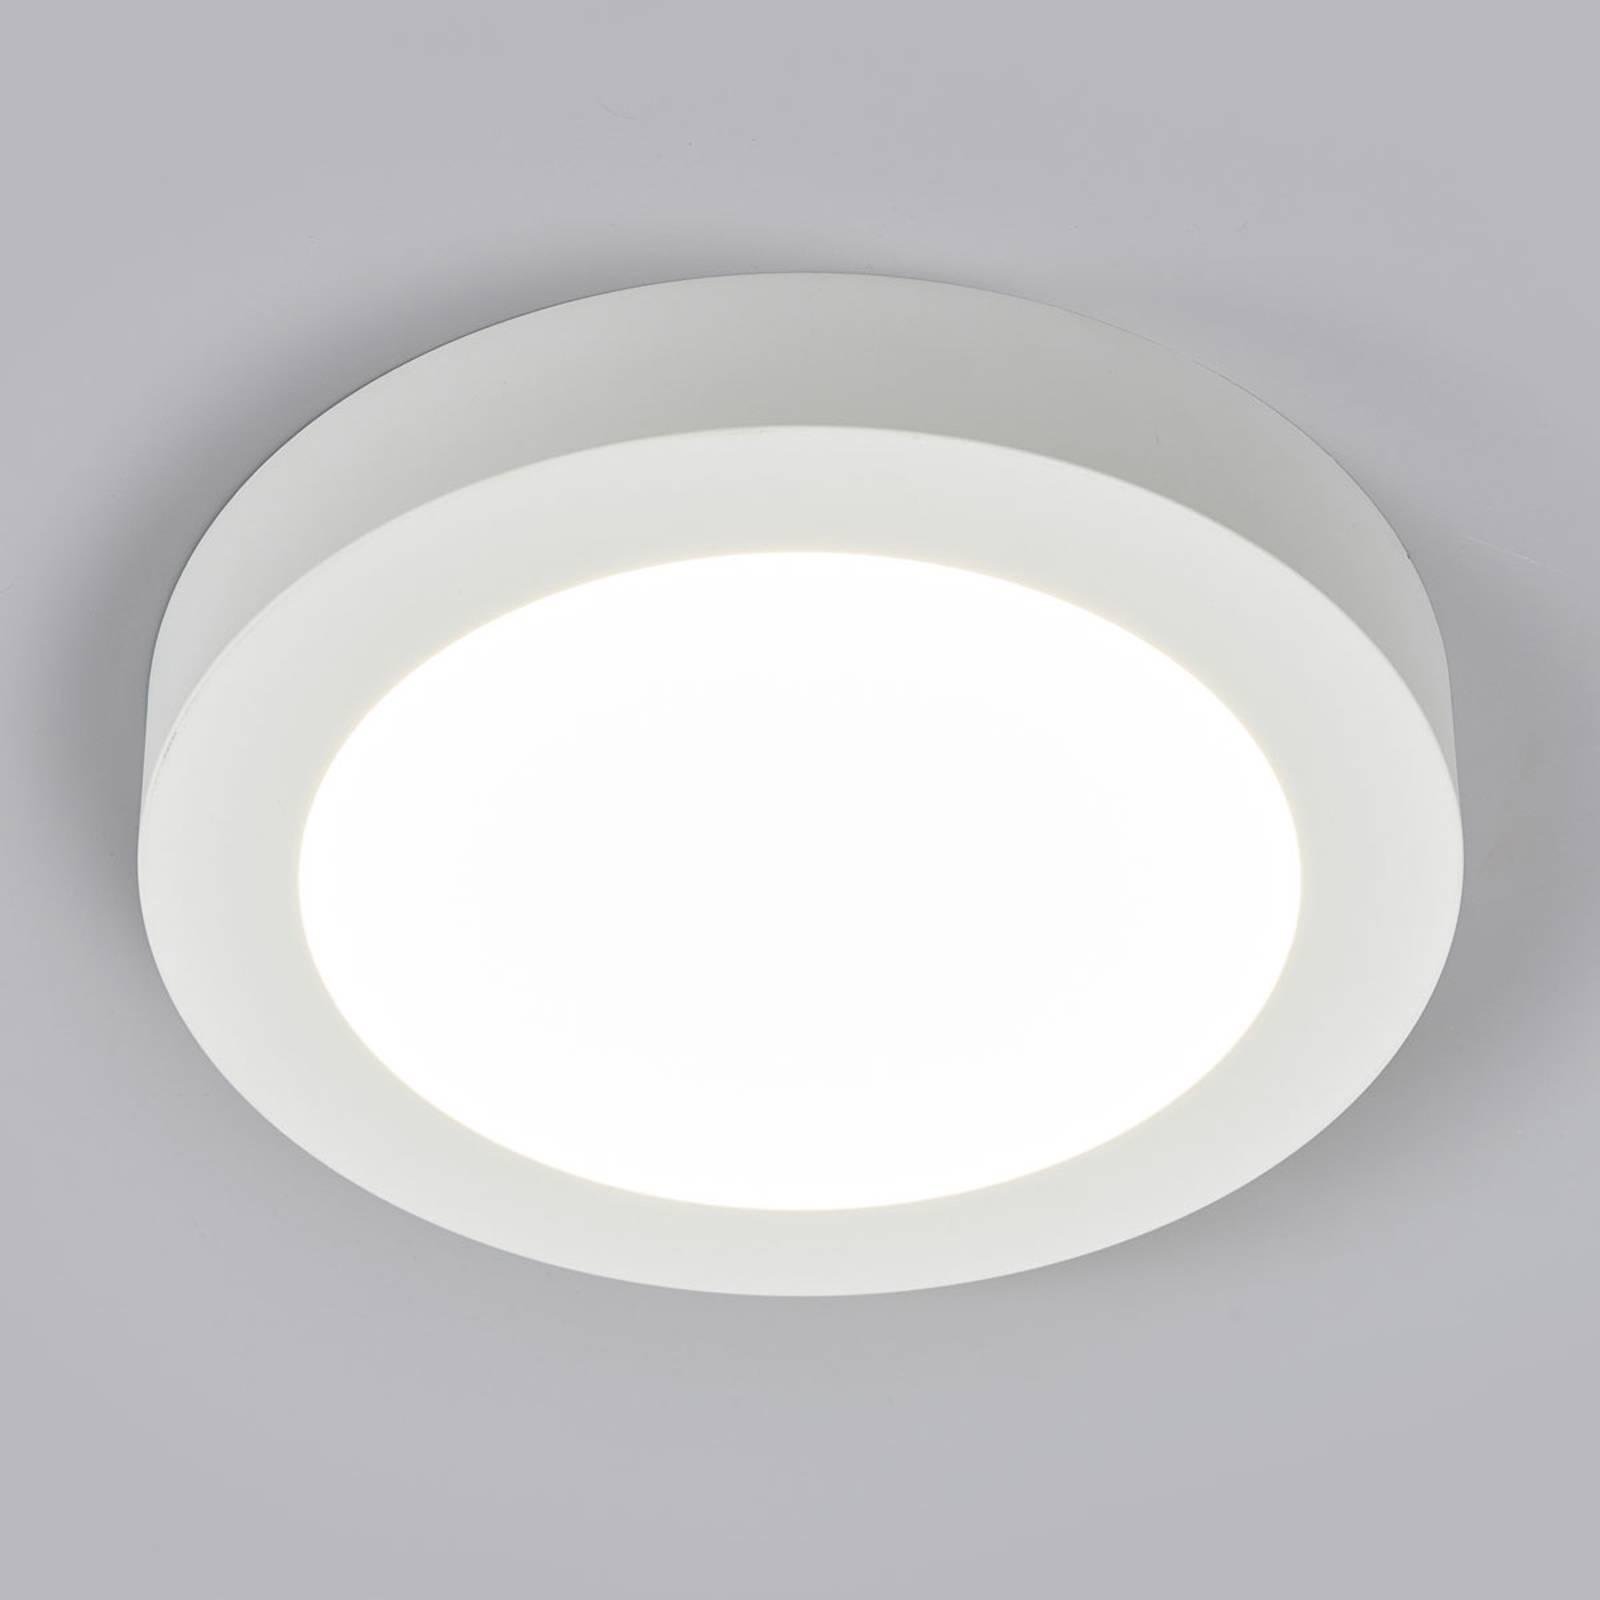 LED-kattovalo Marlo valkoinen 4000K pyöreä 25,2cm